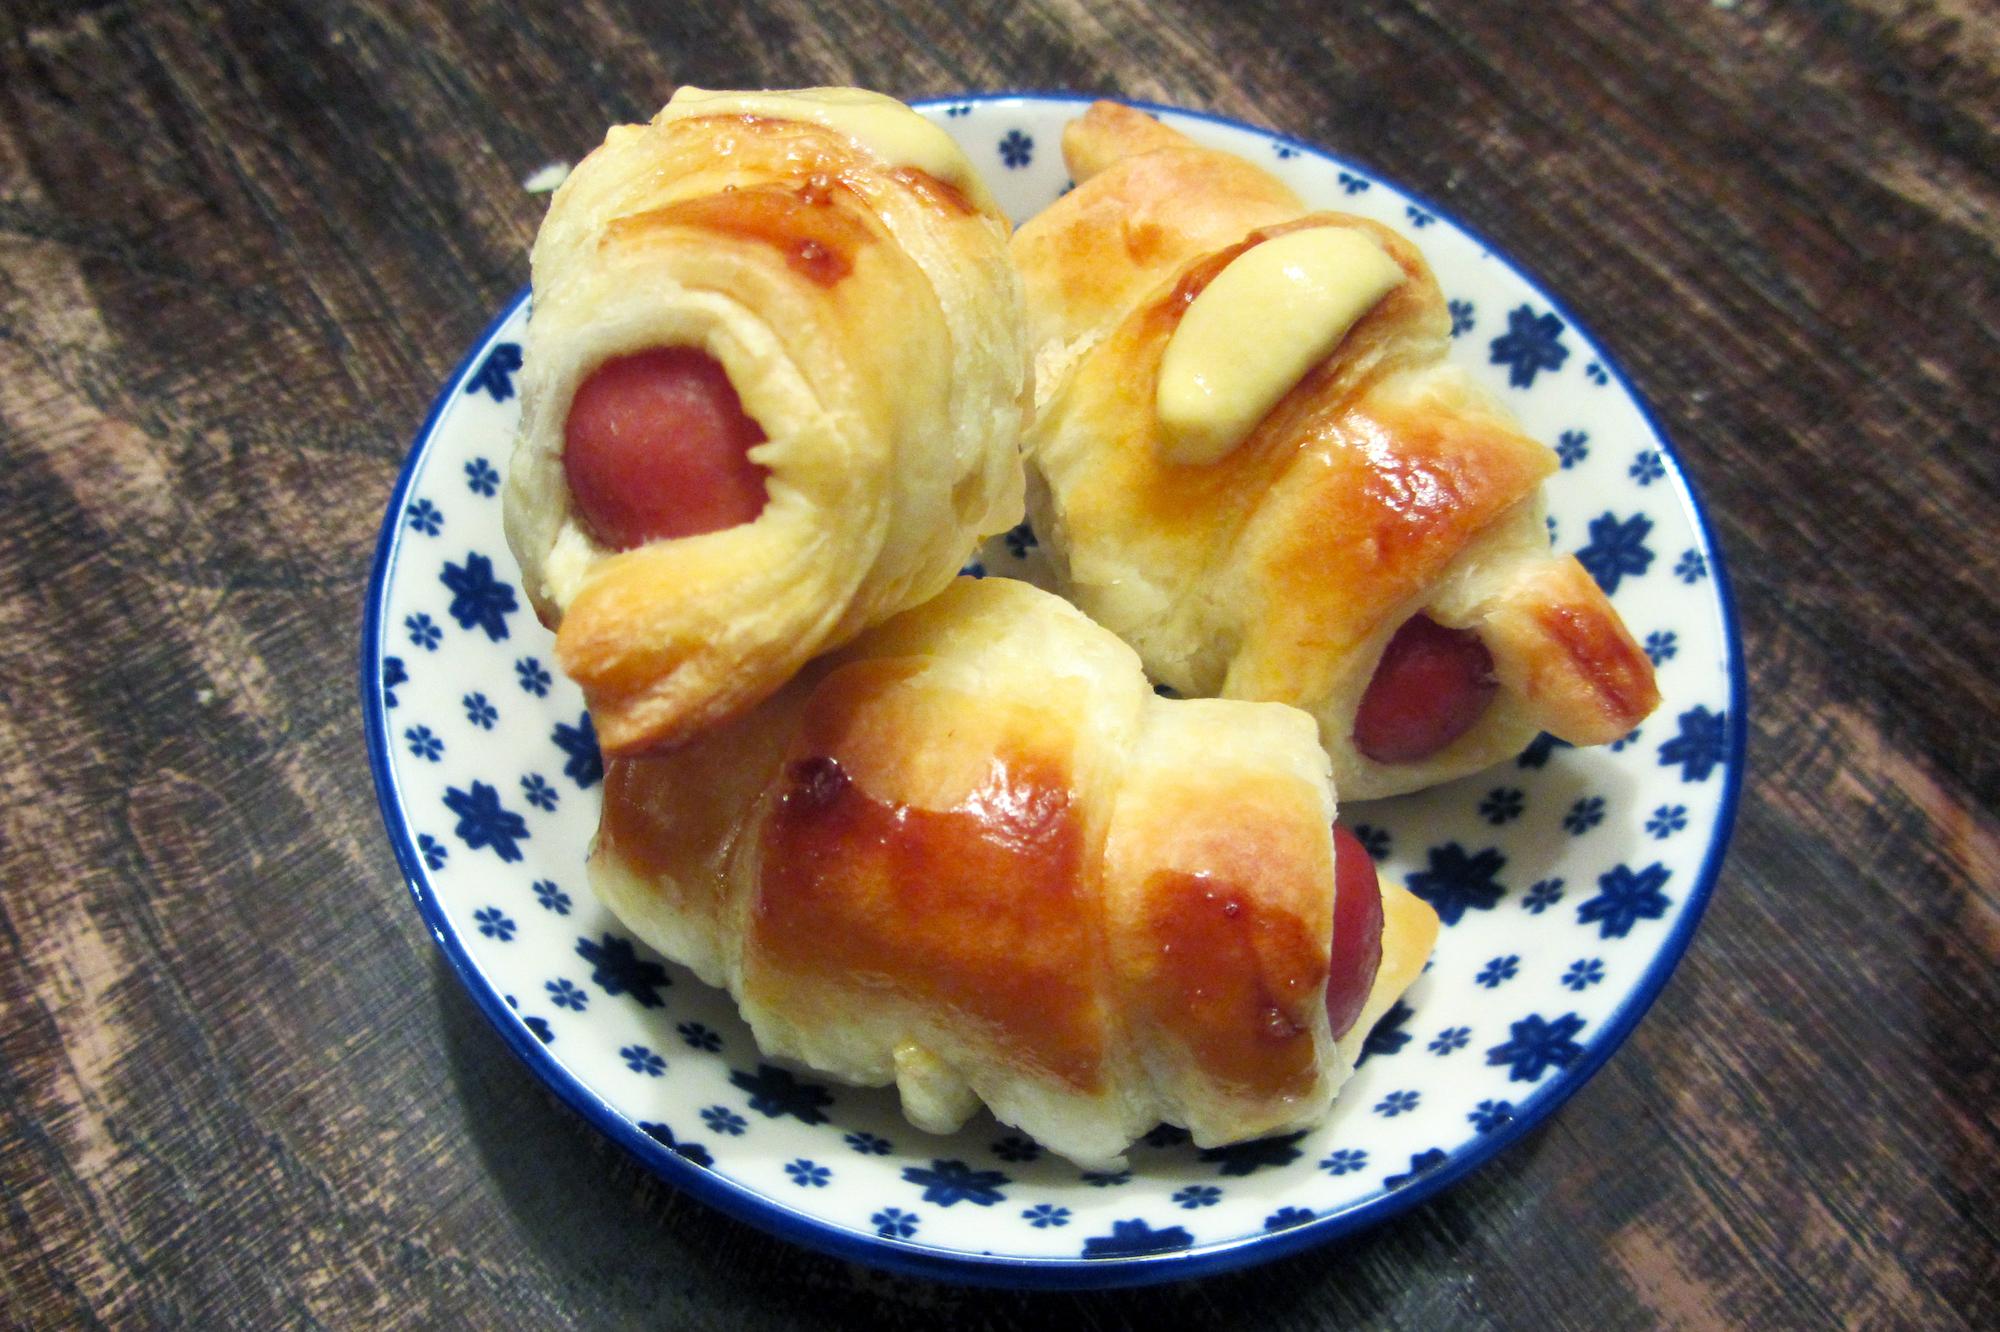 Miniworstenbroodjes voor de allerkleinsten